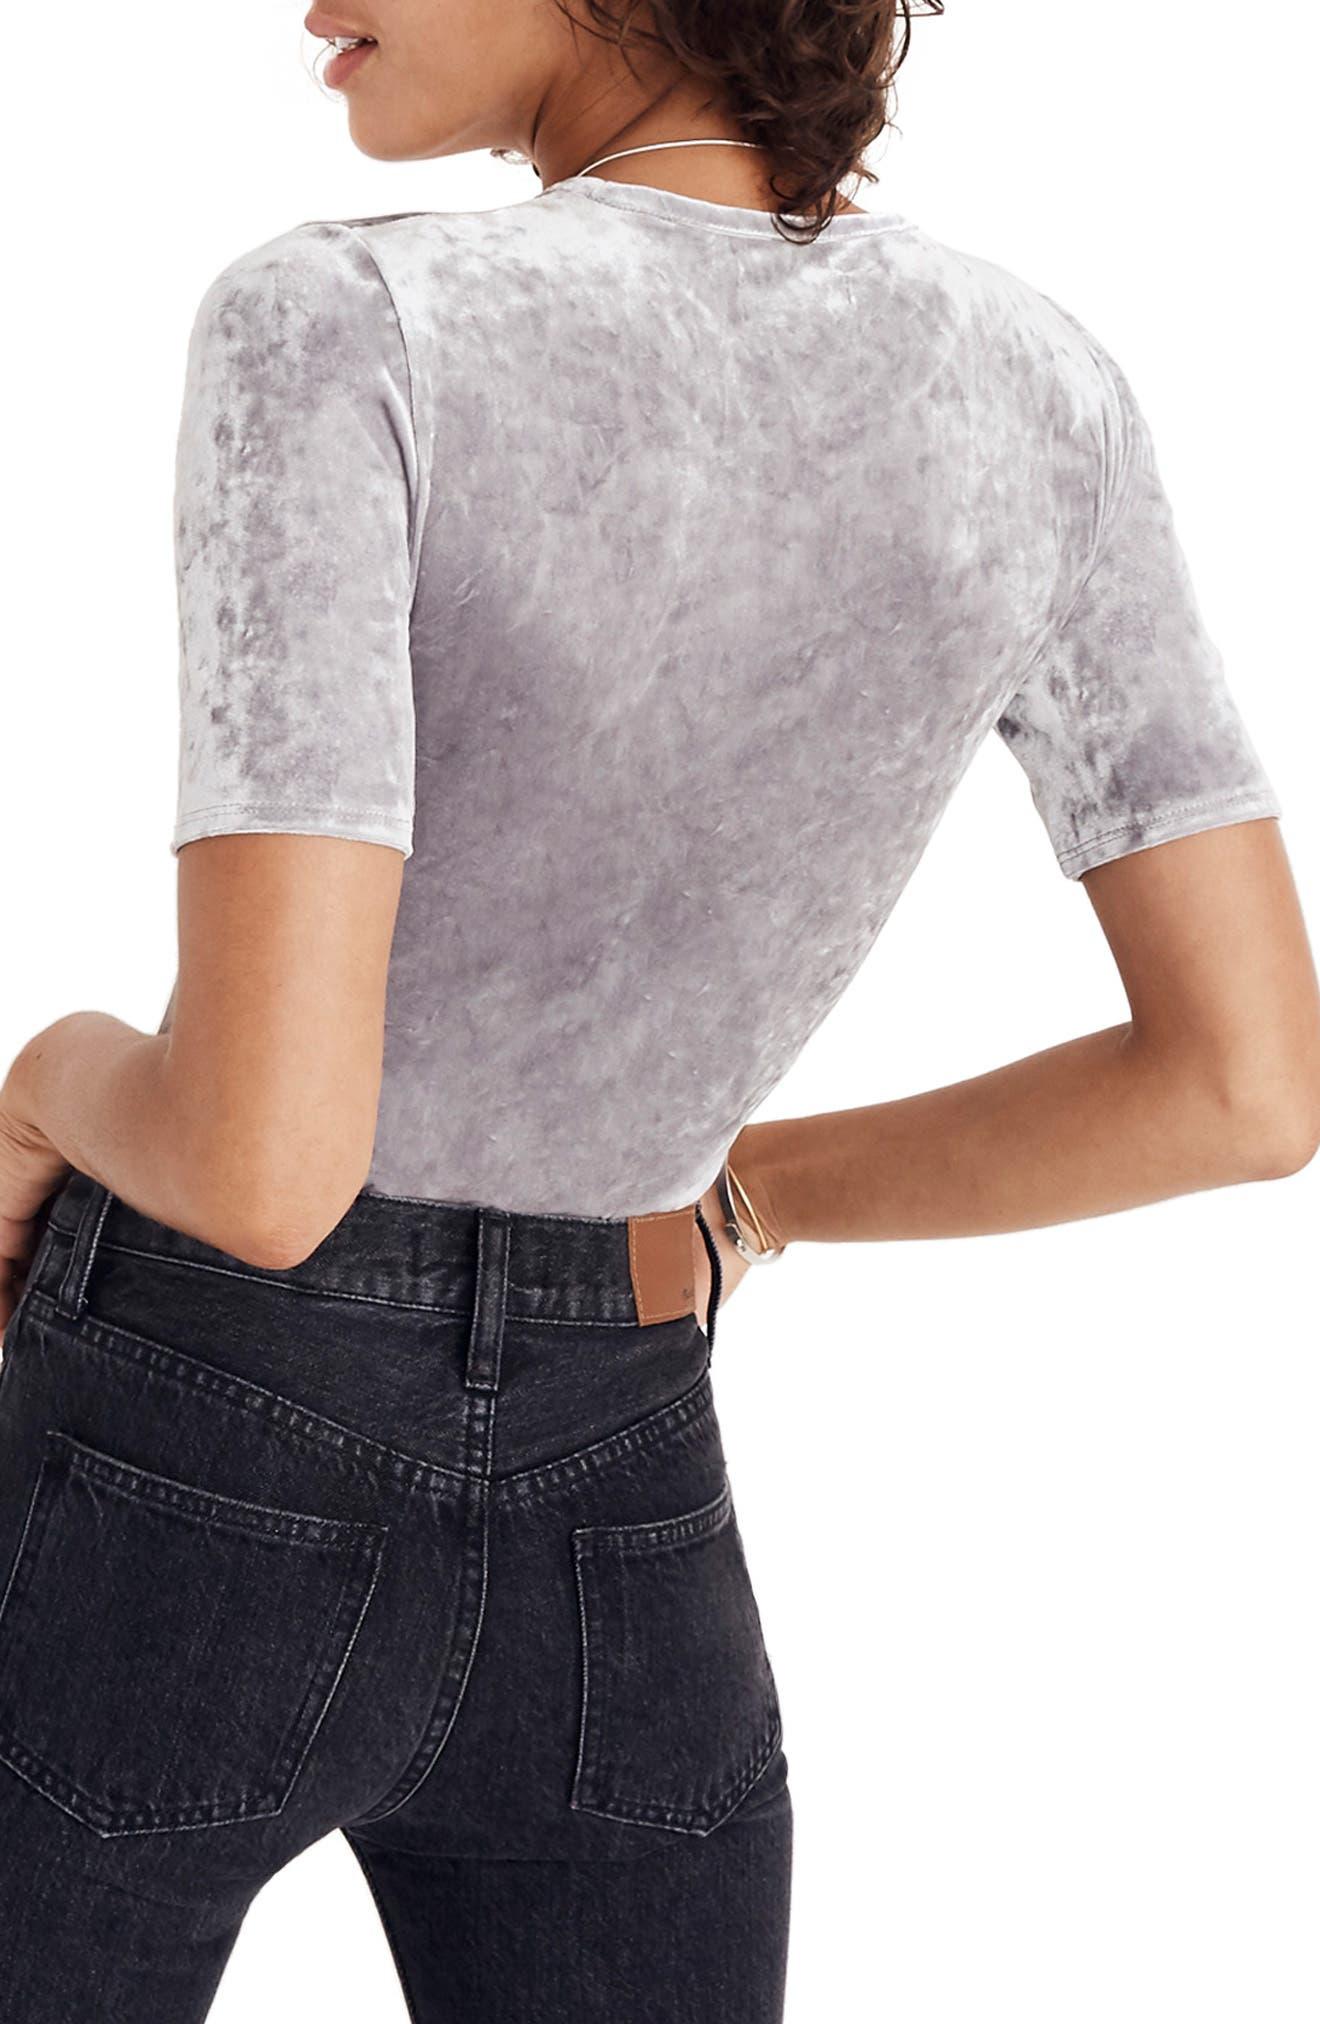 Crushed Velvet Short Sleeve Bodysuit,                             Alternate thumbnail 3, color,                             STONEWALL